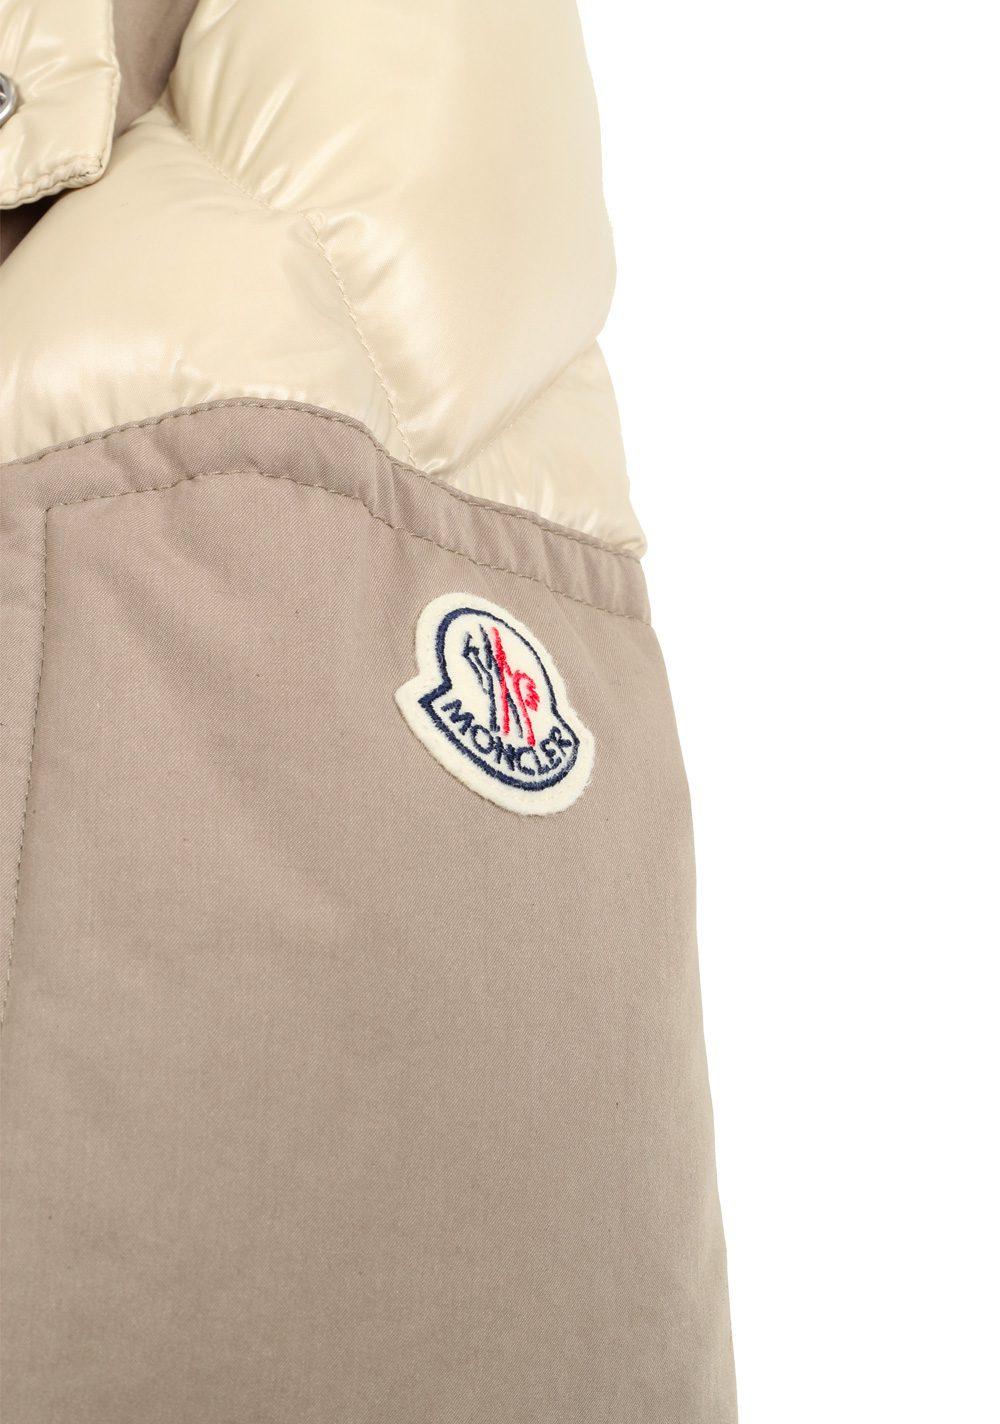 Moncler Beige Frey Down Quilted Jacket Coat Size 4 / L / 52 / 42 U.S. | Costume Limité